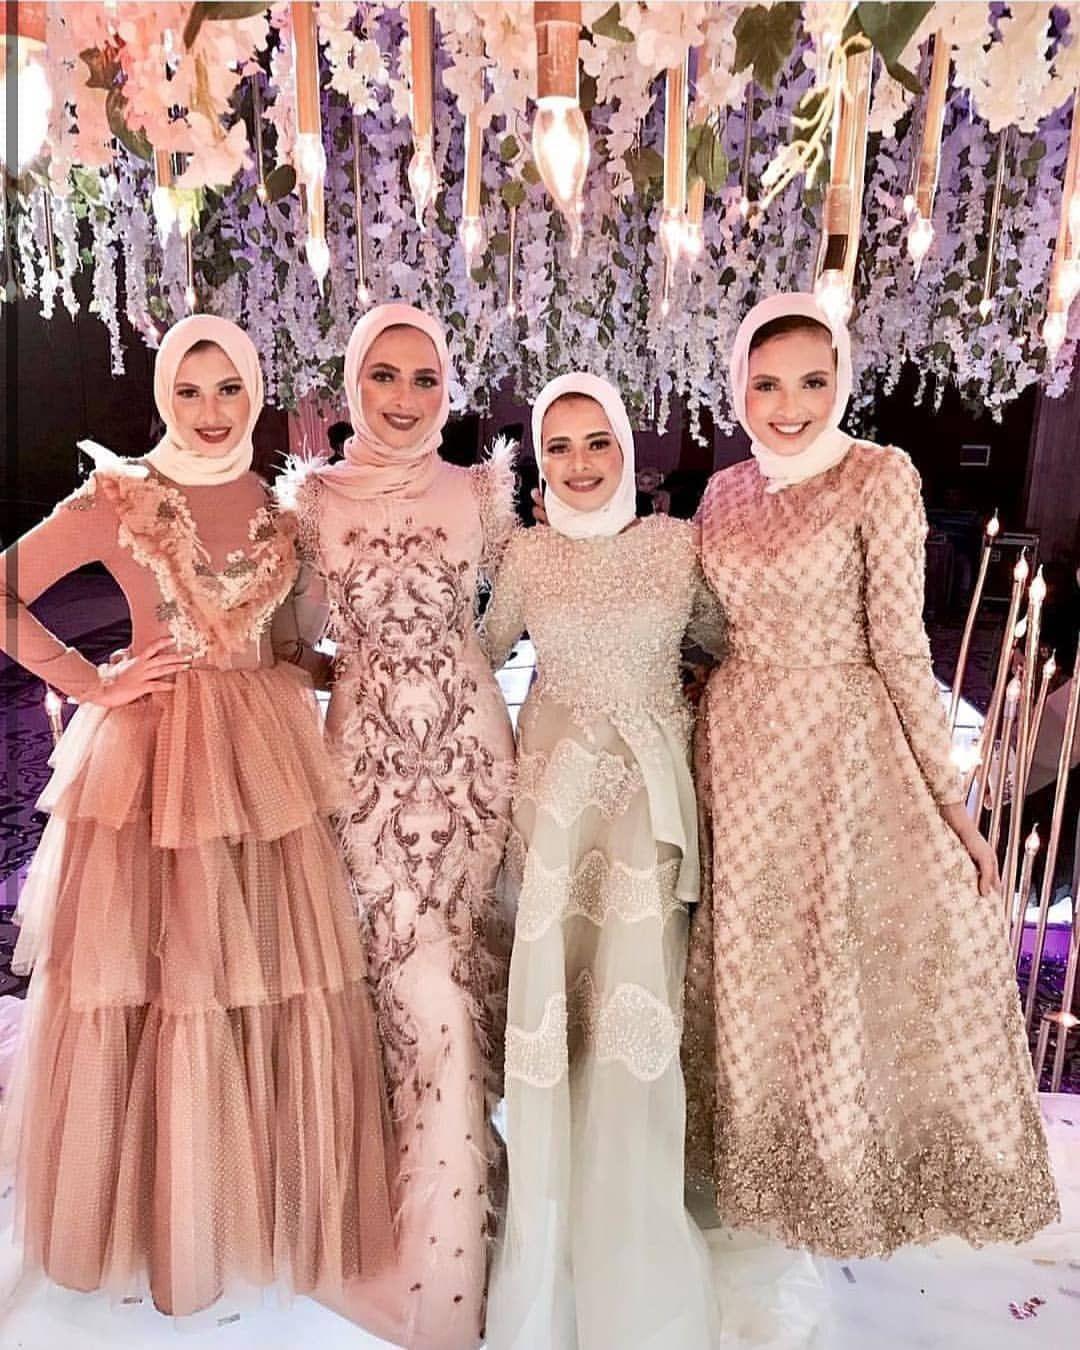 فولوو يابنات لصفحتنا التانيه هنزل عليها لبس خروج مختلف وشيك جدا Elmoda Bloggers Elmoda Blogg Soiree Dress Wedding Party Outfits Hijab Dress Party